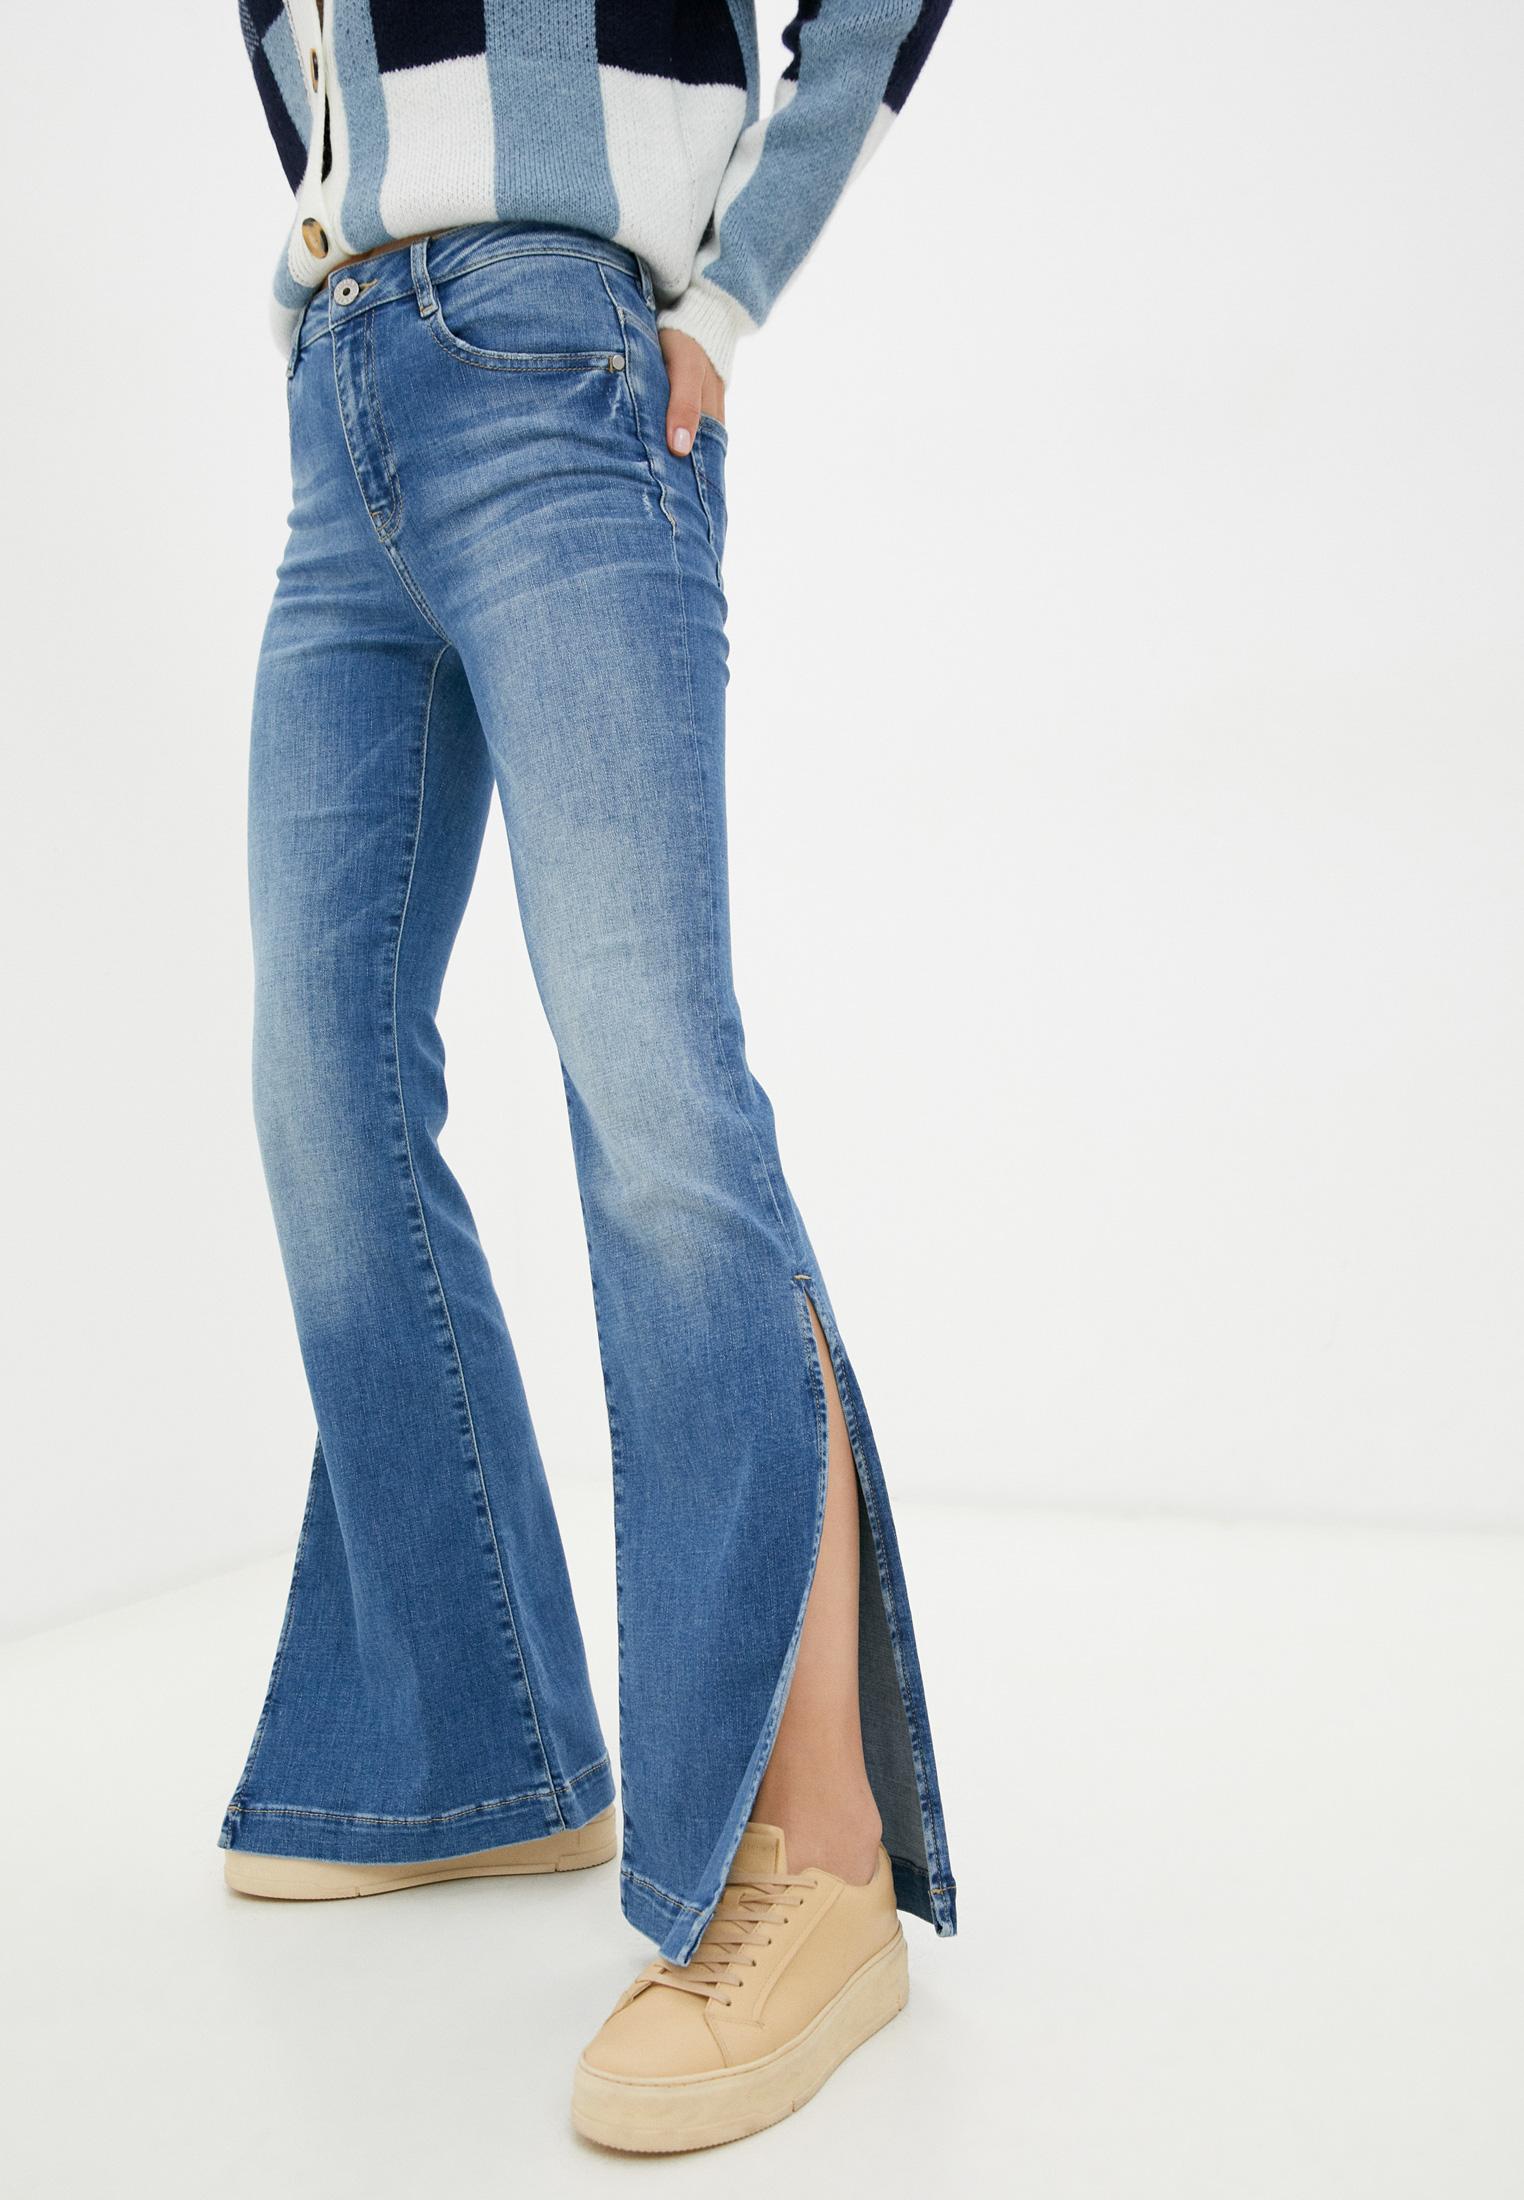 Широкие и расклешенные джинсы Miss Sixty (Мисс Сиксти) Джинсы Miss Sixty